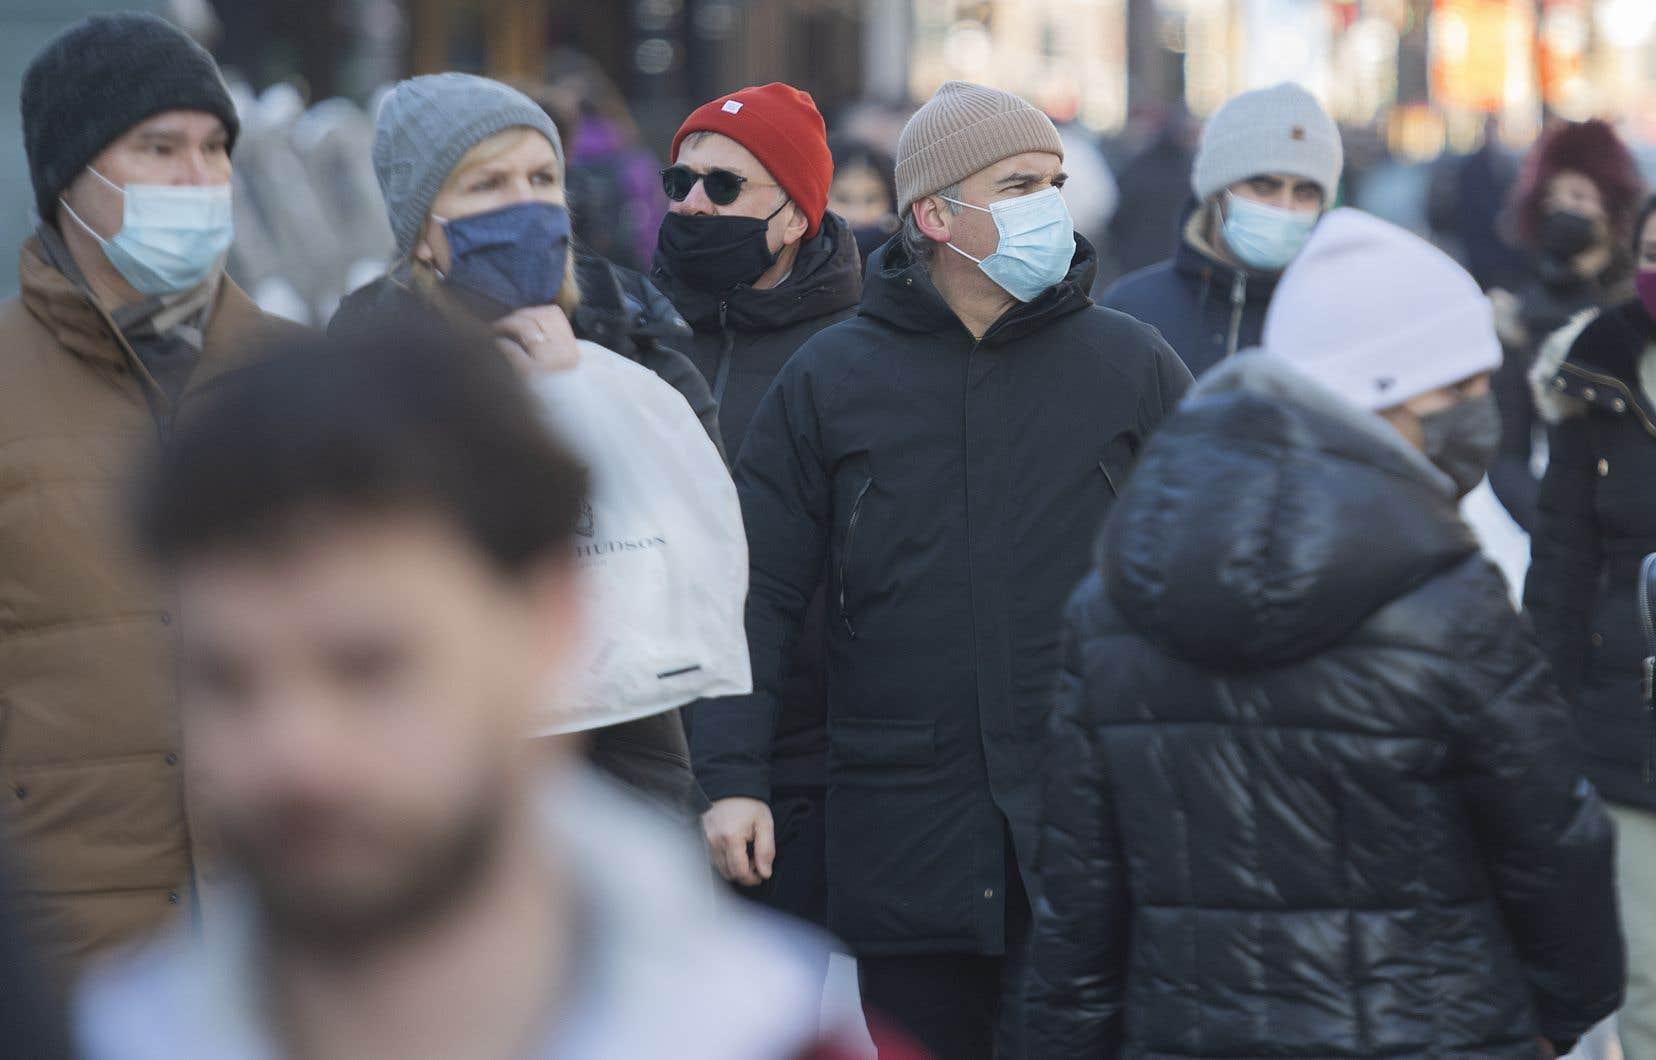 Somme toute, «le Canada s'en est relativement bien tiré» jusqu'à présent face à la crise sanitaire et économique provoquée par la pandémie de COVID-19, estime le responsable des études nationales de l'OCDE, Alvaro Pereira.